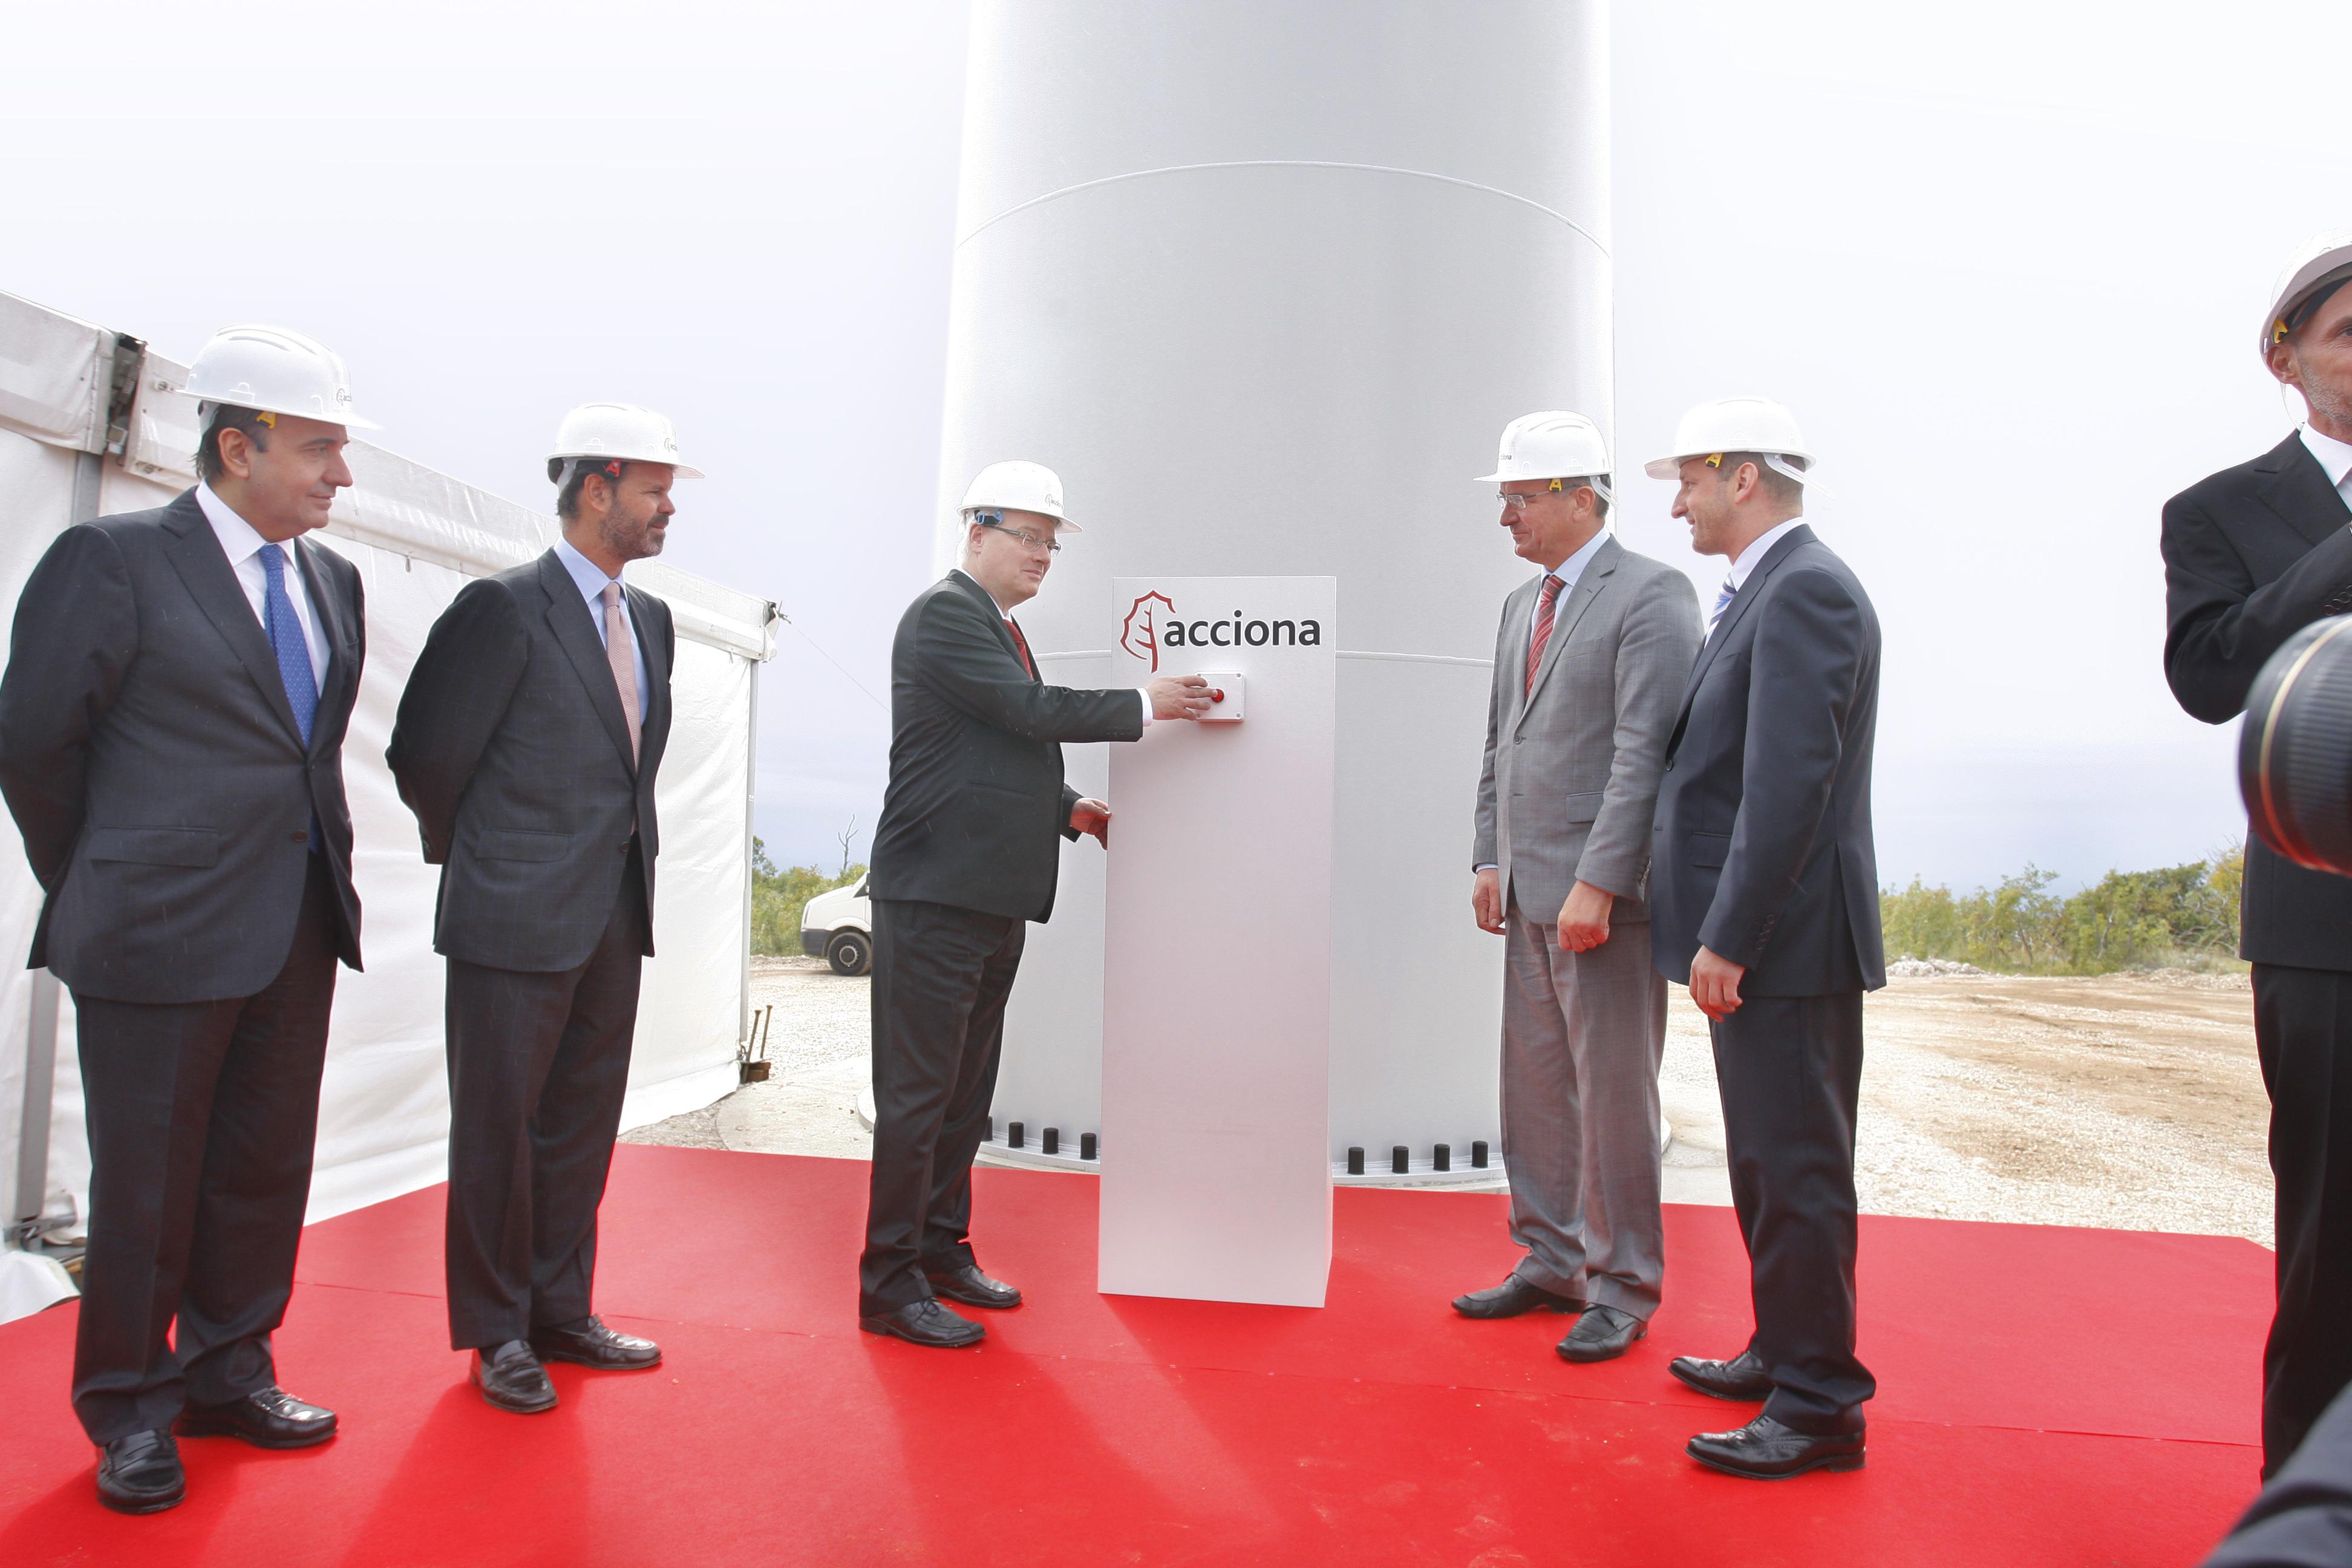 El parque eólico Jelinak, de 30 MW de potencia, ubicado en el condado de Split-Dalmacia, cuenta con 20 aerogeneradores de 1,5 MW de tecnología Acciona Windpower. Es la primera instalación eólica de una compañía española en Croacia. El Presidente de la República de Croacia, Ivo Josipovi?, inauguró ayer domingo el parque eólico de Jelinak, el primero instalado por ACCIONA Energía en el país, con 30 megavatios de potencia, capaces de cubrir el consumo eléctrico de más de 30.000 hogares croatas. La compañía es el primer promotor eólico español con una instalación operativa en el país. Al acto asistieron el vicepresidente de ACCIONA, Juan Ignacio Entrecanales, y el consejero delegado de ACCIONA Energía, Rafael Mateo. Situado en la región de Split-Dalmacia, el parque de Jelinak está integrado por 20 aerogeneradores de 1,5 MW de potencia y tecnología ACCIONA Windpower. Producirá anualmente unos 81 millones de kilovatios hora, y sustituirá cada año combustible fósil equivalente a unos 48.000 barriles de petróleo. Evitará asimismo la emisión a la atmósfera de 77.841 toneladas de CO2 en centrales térmicas de carbón, con un efecto depurativo para la atmósfera similar al de casi cuatro millones de árboles. Unas 500 personas han trabajado en Croacia en las actividades relacionadas con la implantación de este parque eólico, la mitad de ellas en el consorcio adjudicatario de las obras del parque y una cifra similar en la fabricación, en los astilleros de Split, de las 20 torres de acero de 80 metros de altura de que consta la instalación. Además del presidente croata, asistieron a la ceremonia el prefecto del condado de Split-Dalmacia, Zlatko Ževrnja, y el embajador de España en Croacia, Rodrigo Aguirre de Cárcer. La representación de ACCIONA Energía se completó con el director de desarrollo eólico de la compañía, Joaquín Castillo, y su director en Croacia, Mirko Tunji?. En su intervención, el Vicepresidente de ACCIONA, Juan Ignacio Entrecanales, destacó los beneficios medioambien